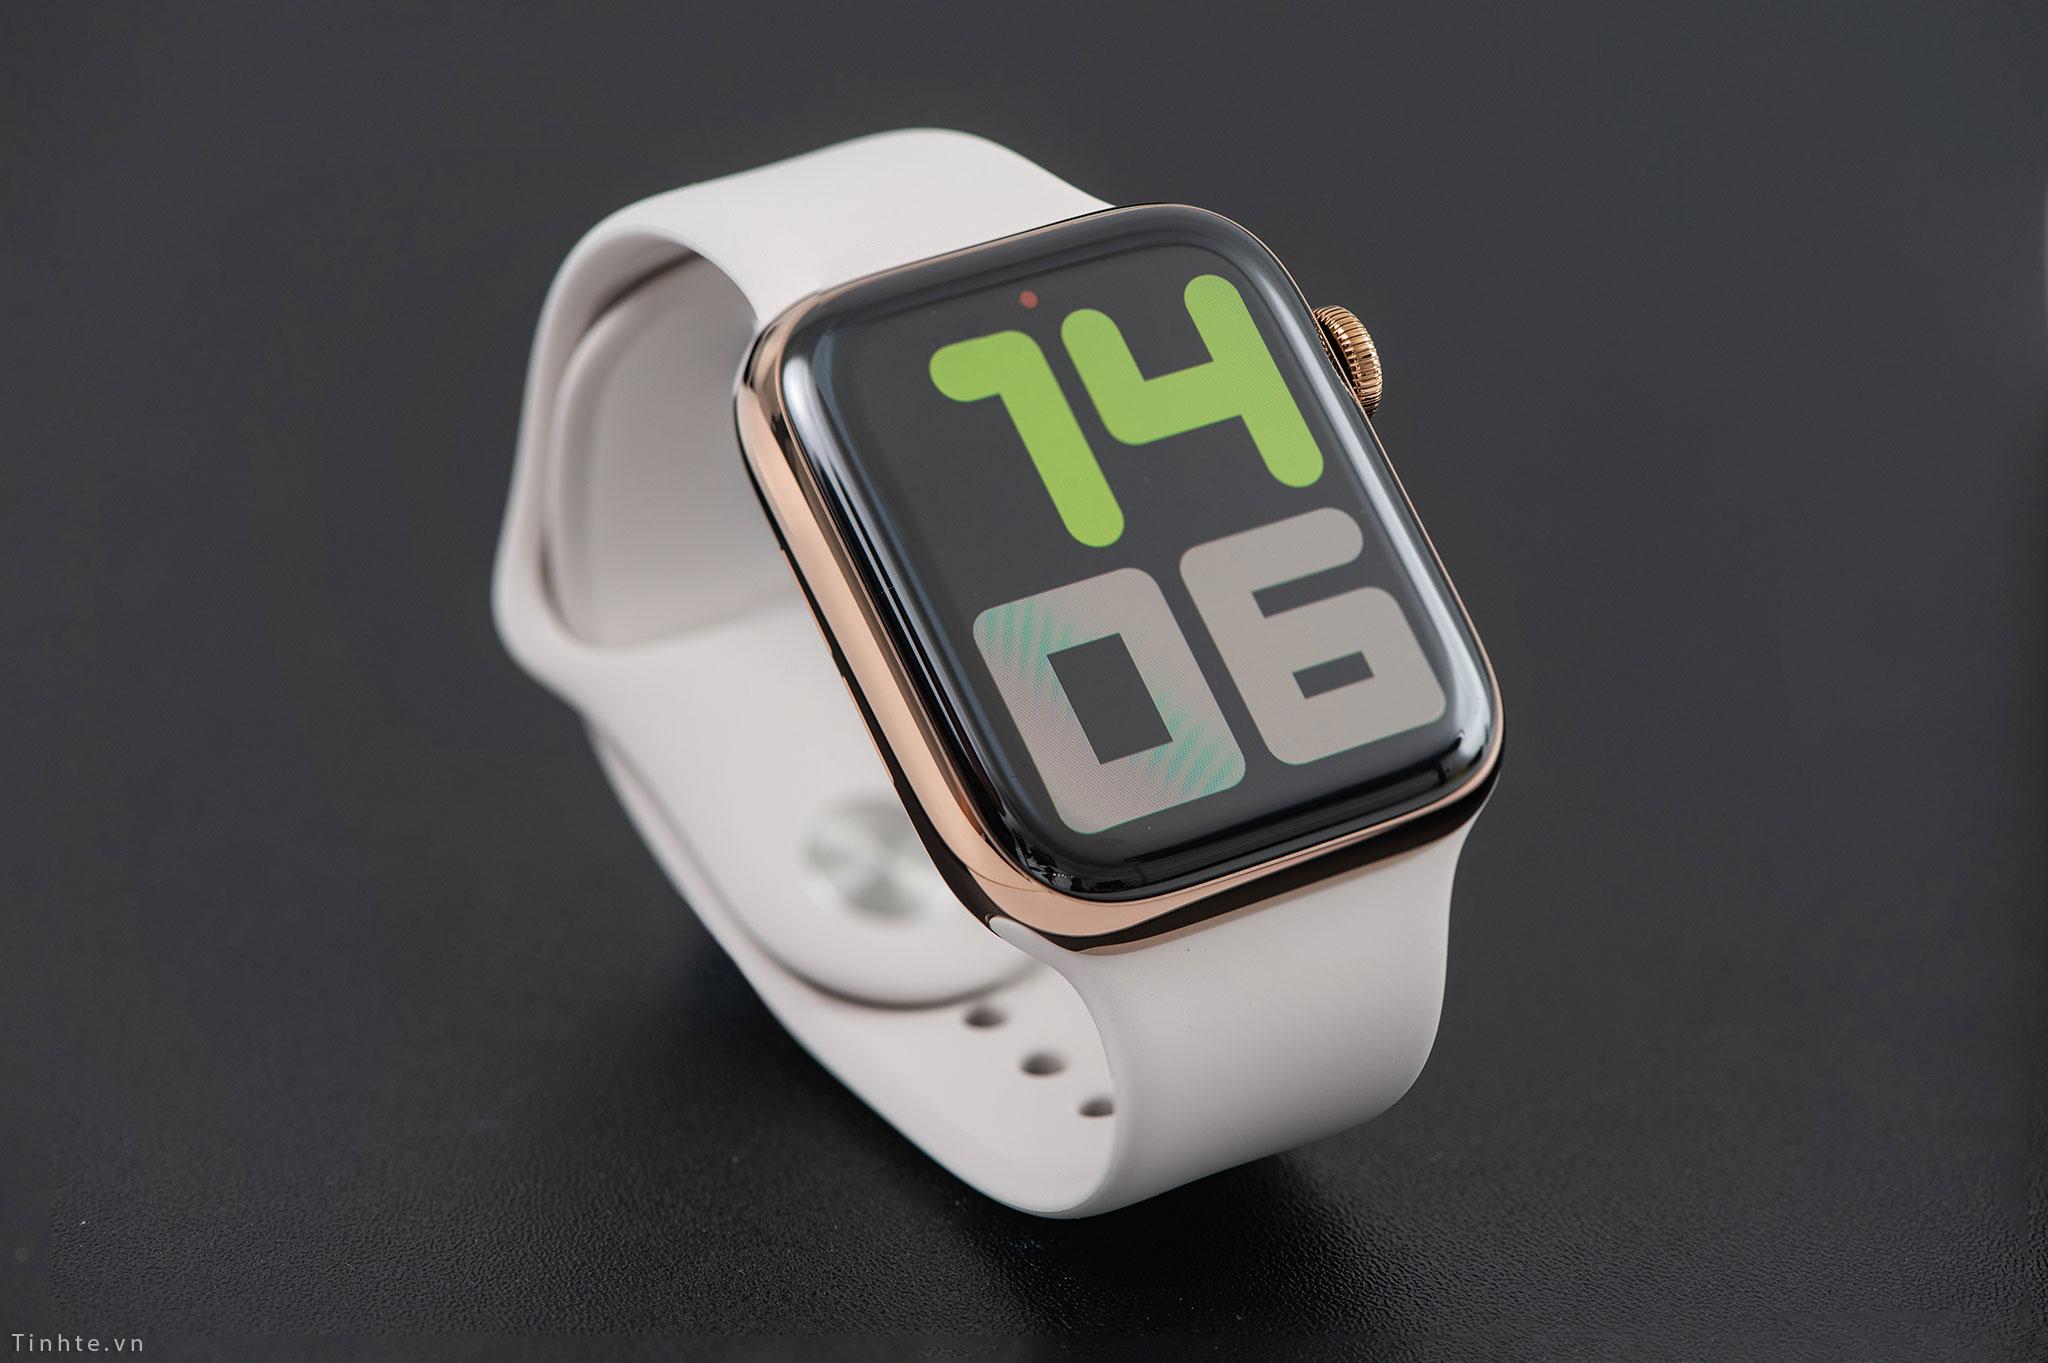 tinhte_apple_watch_series_5_stainless_steel_15.jpg